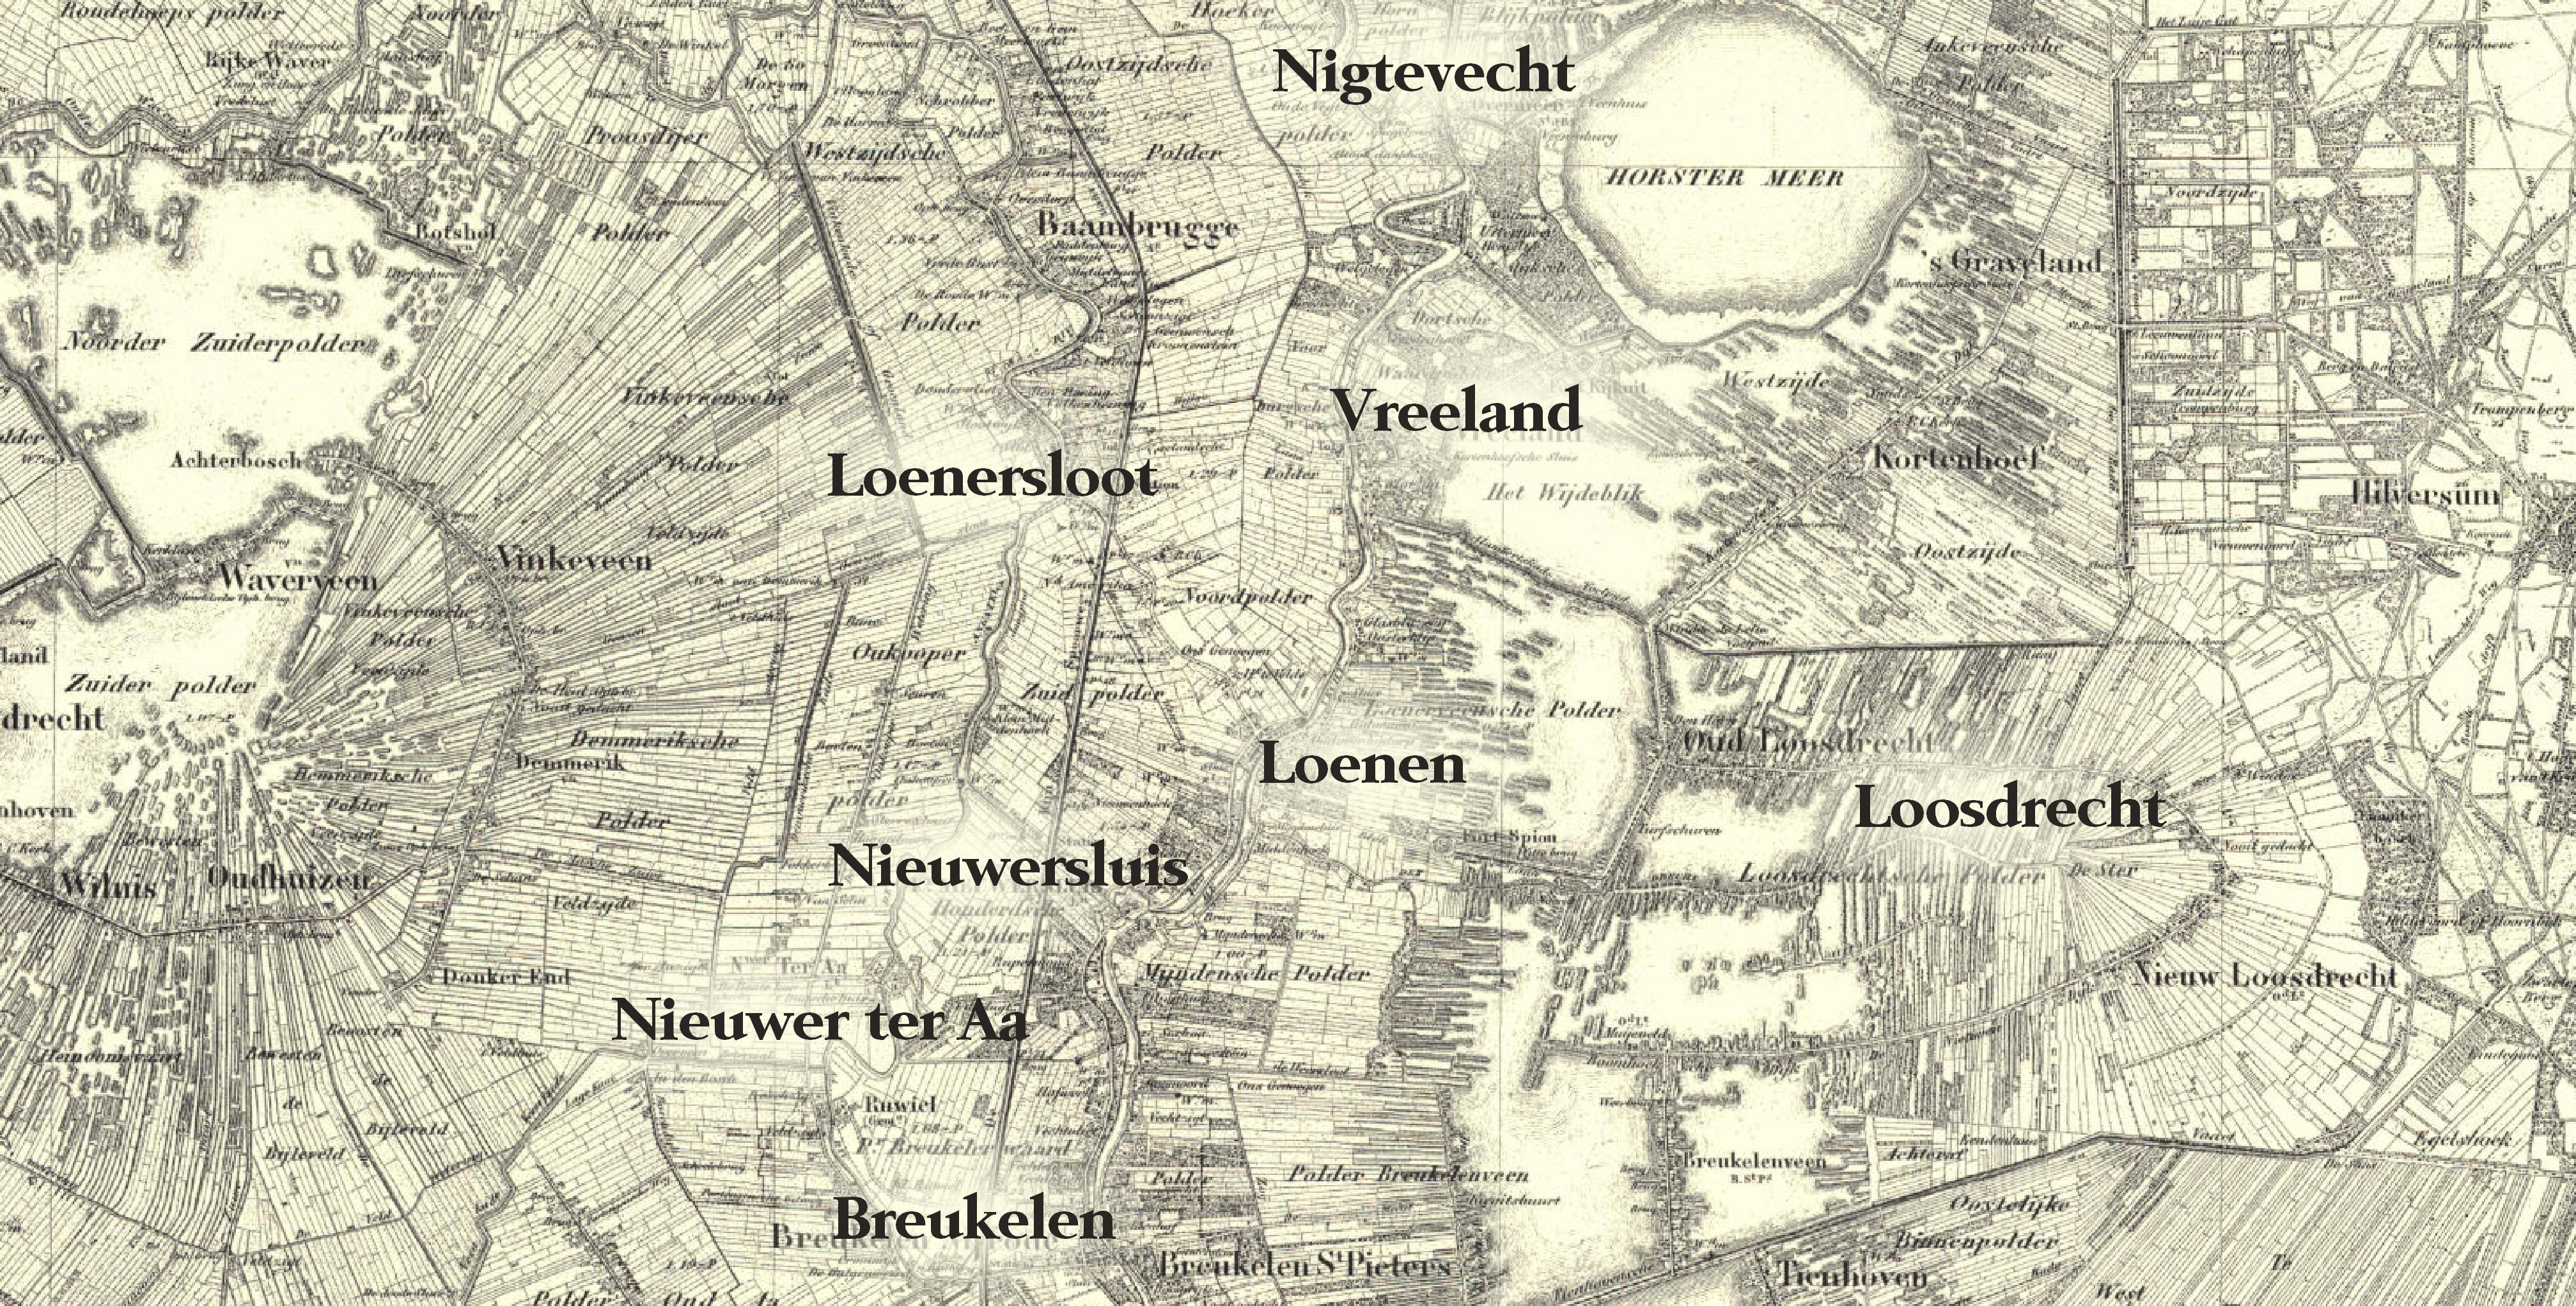 Oude kaart Vechtstreken